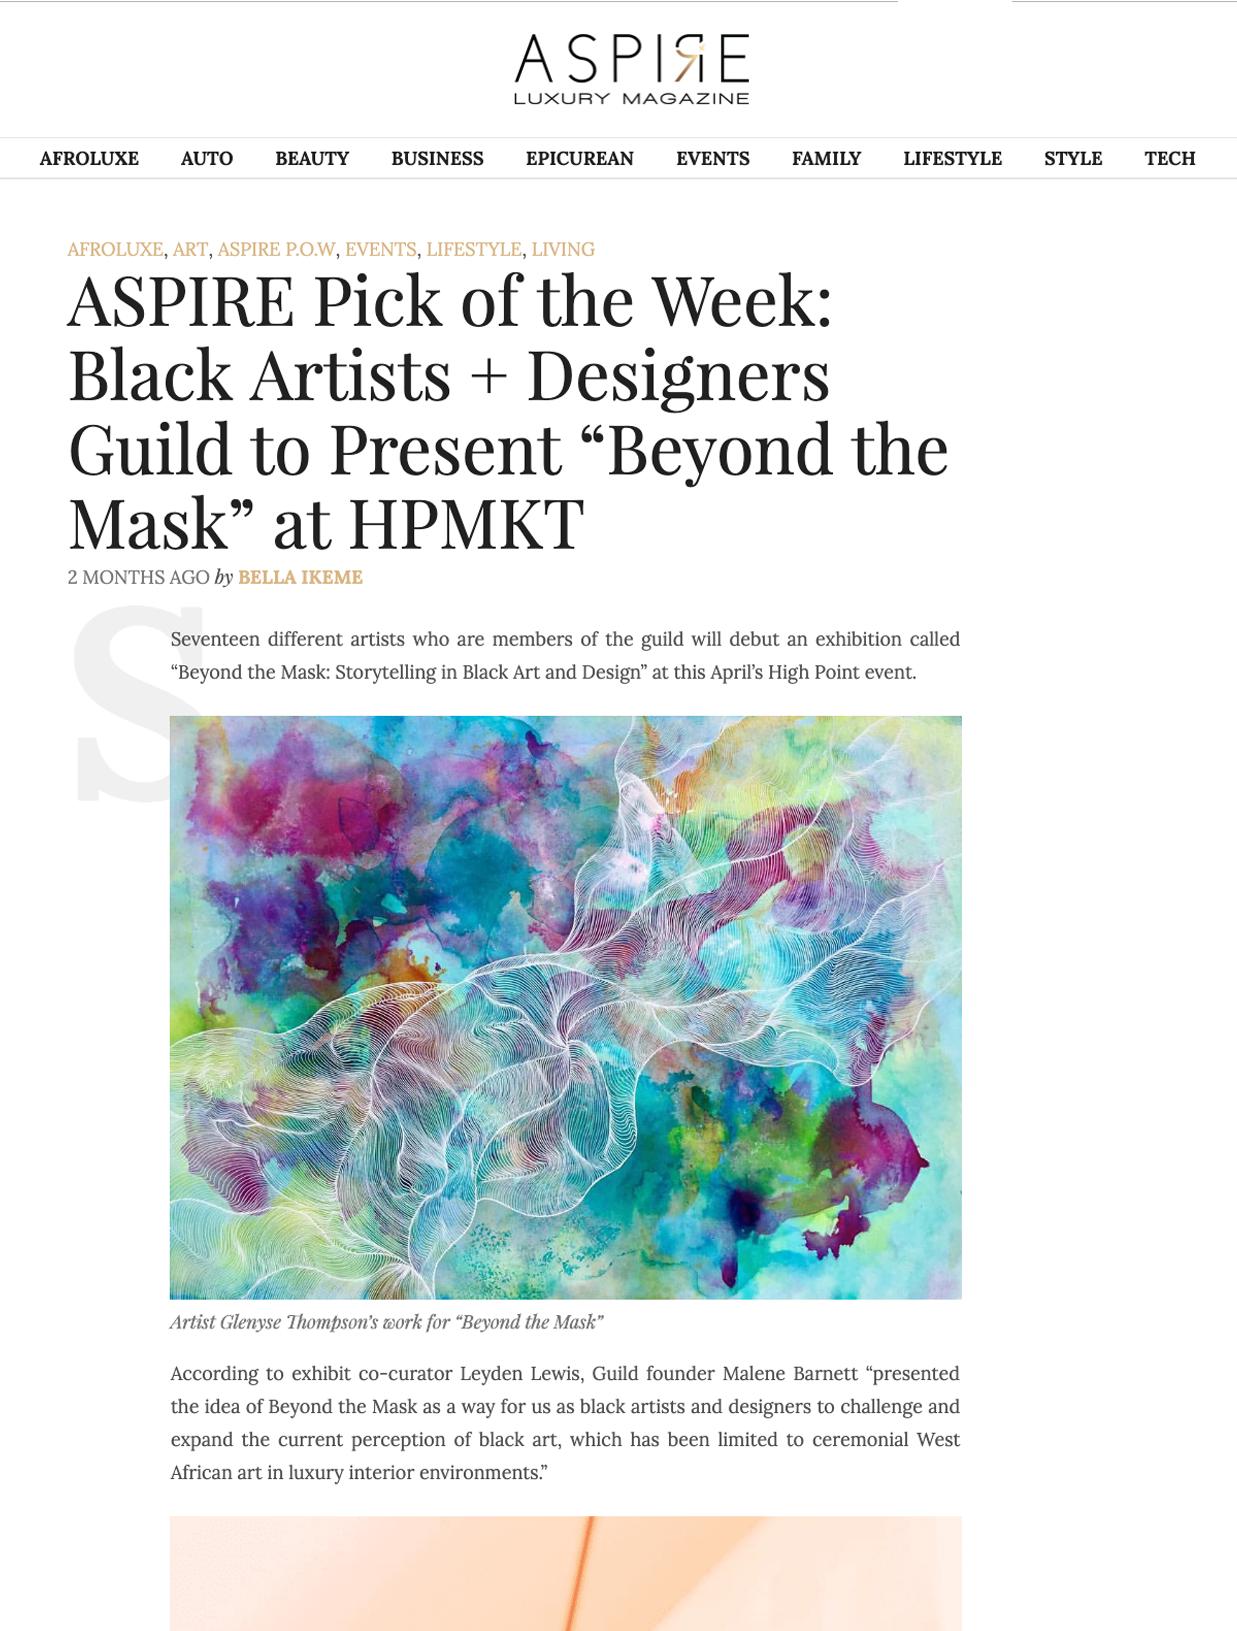 AspireLuxuryMag.com • Apr 2019